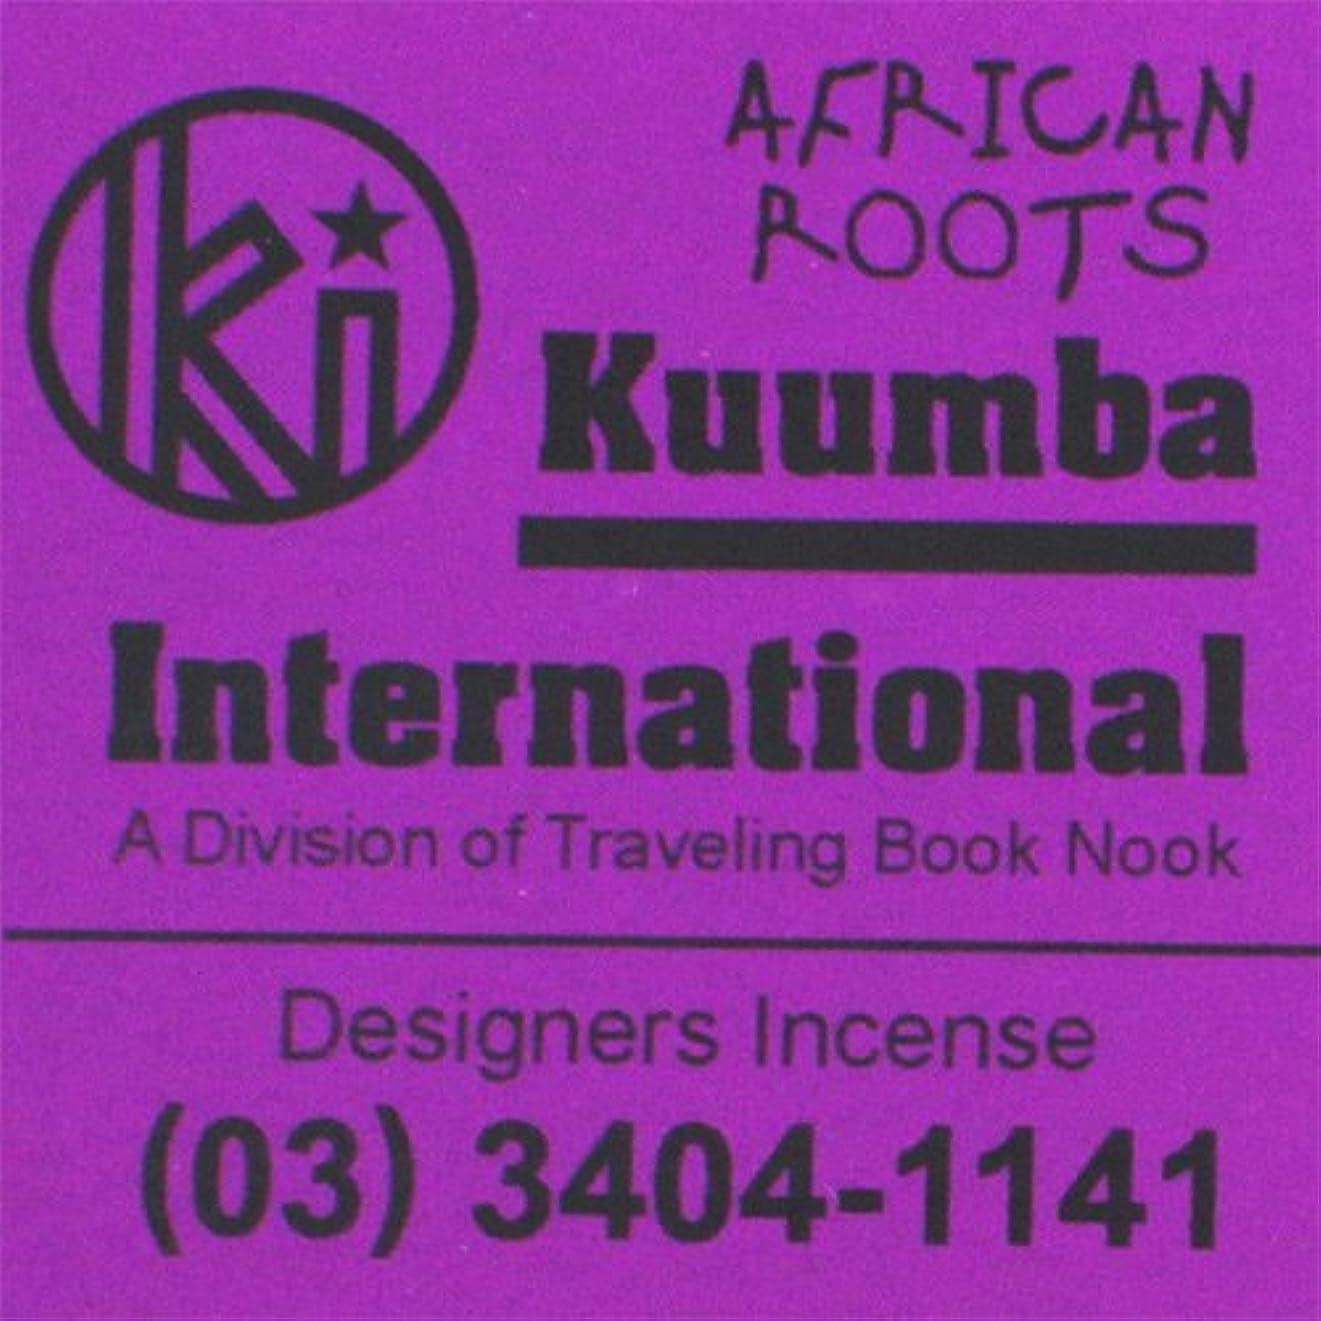 政策カエル知らせるKUUMBA / クンバ『incense』(AFRICAN ROOTS) (Regular size)